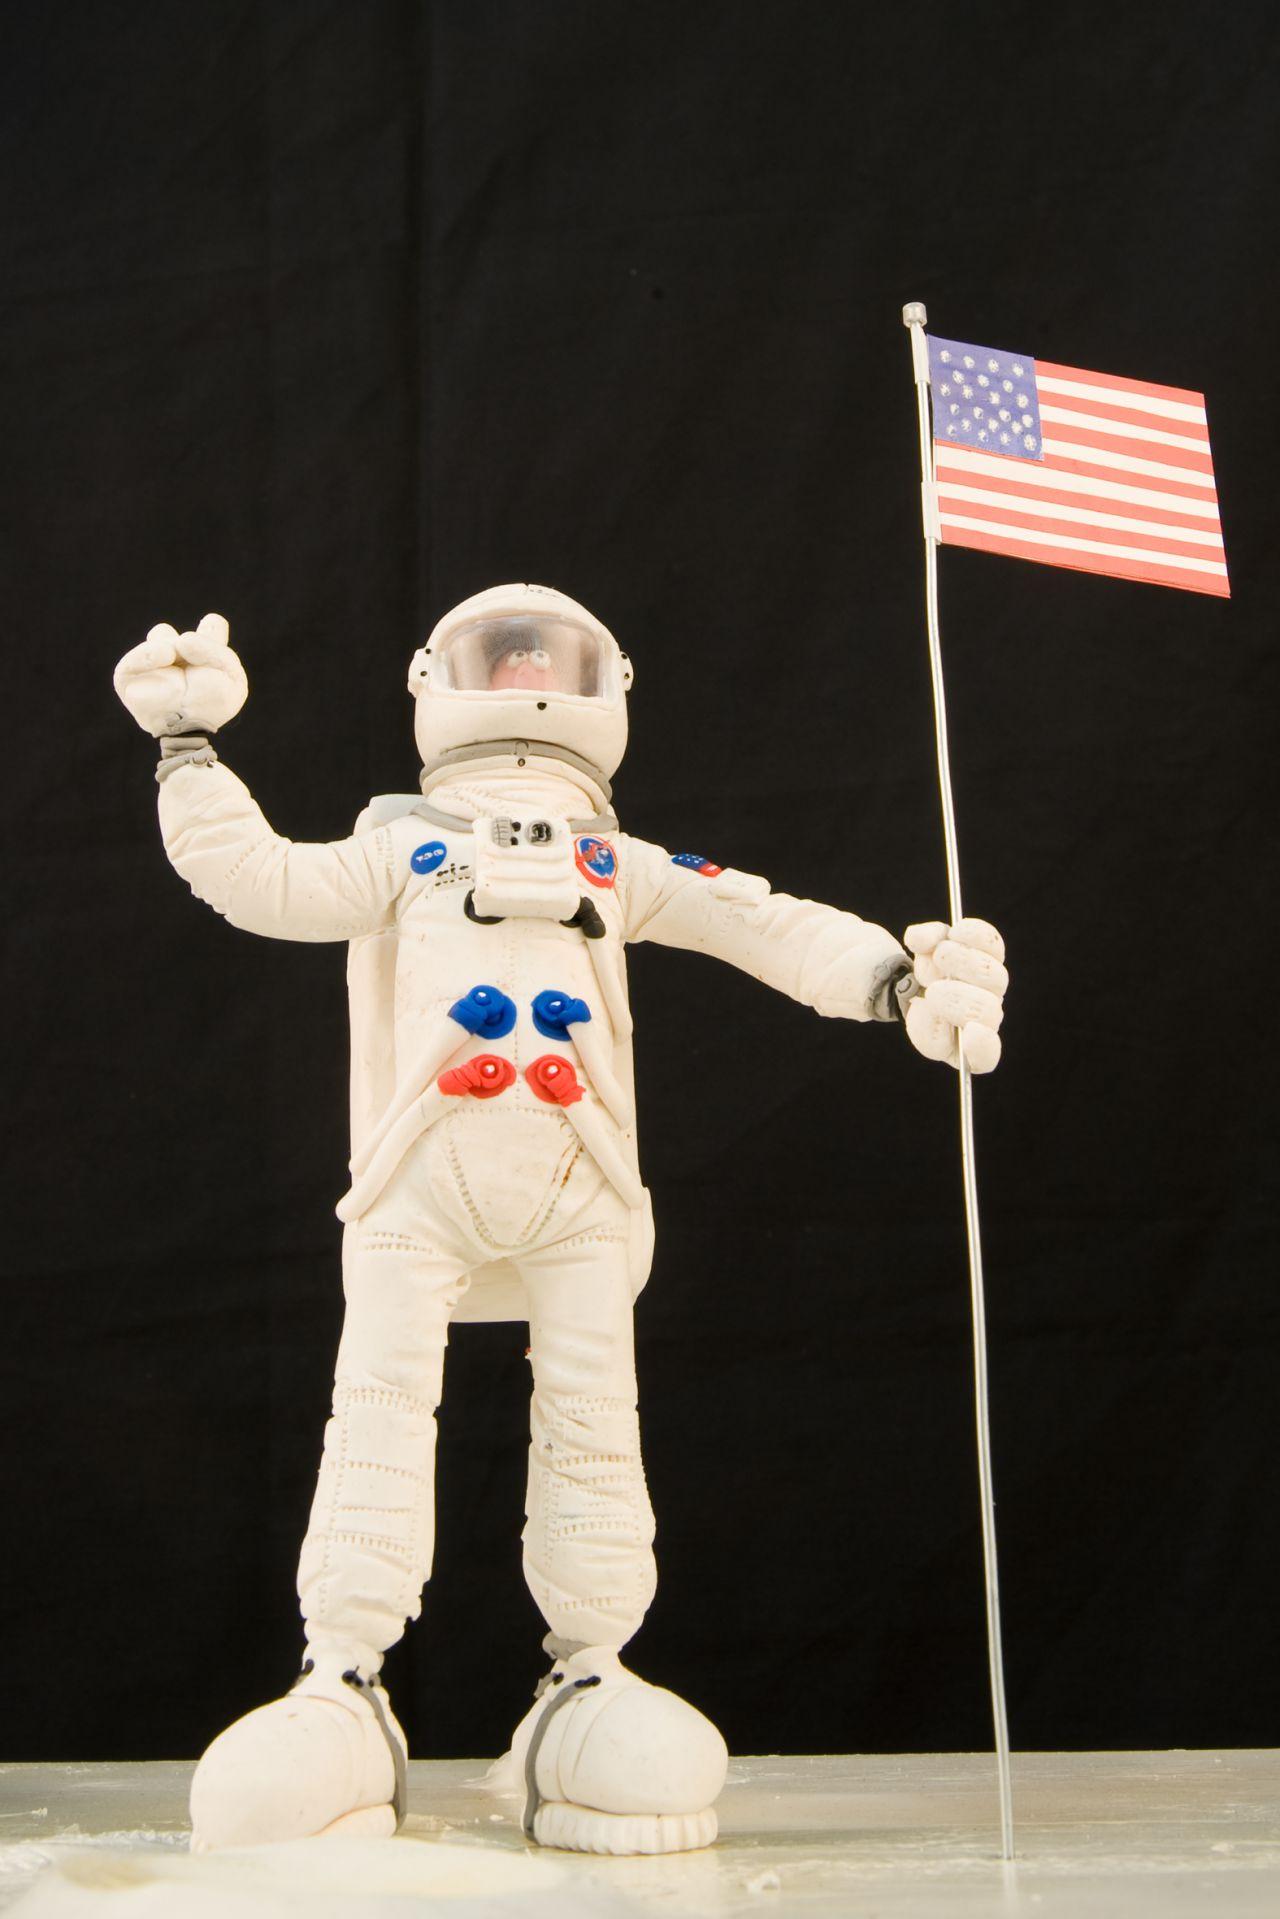 La conquista de la Luna, momento clave en la historia, también puede ver en la exposición.